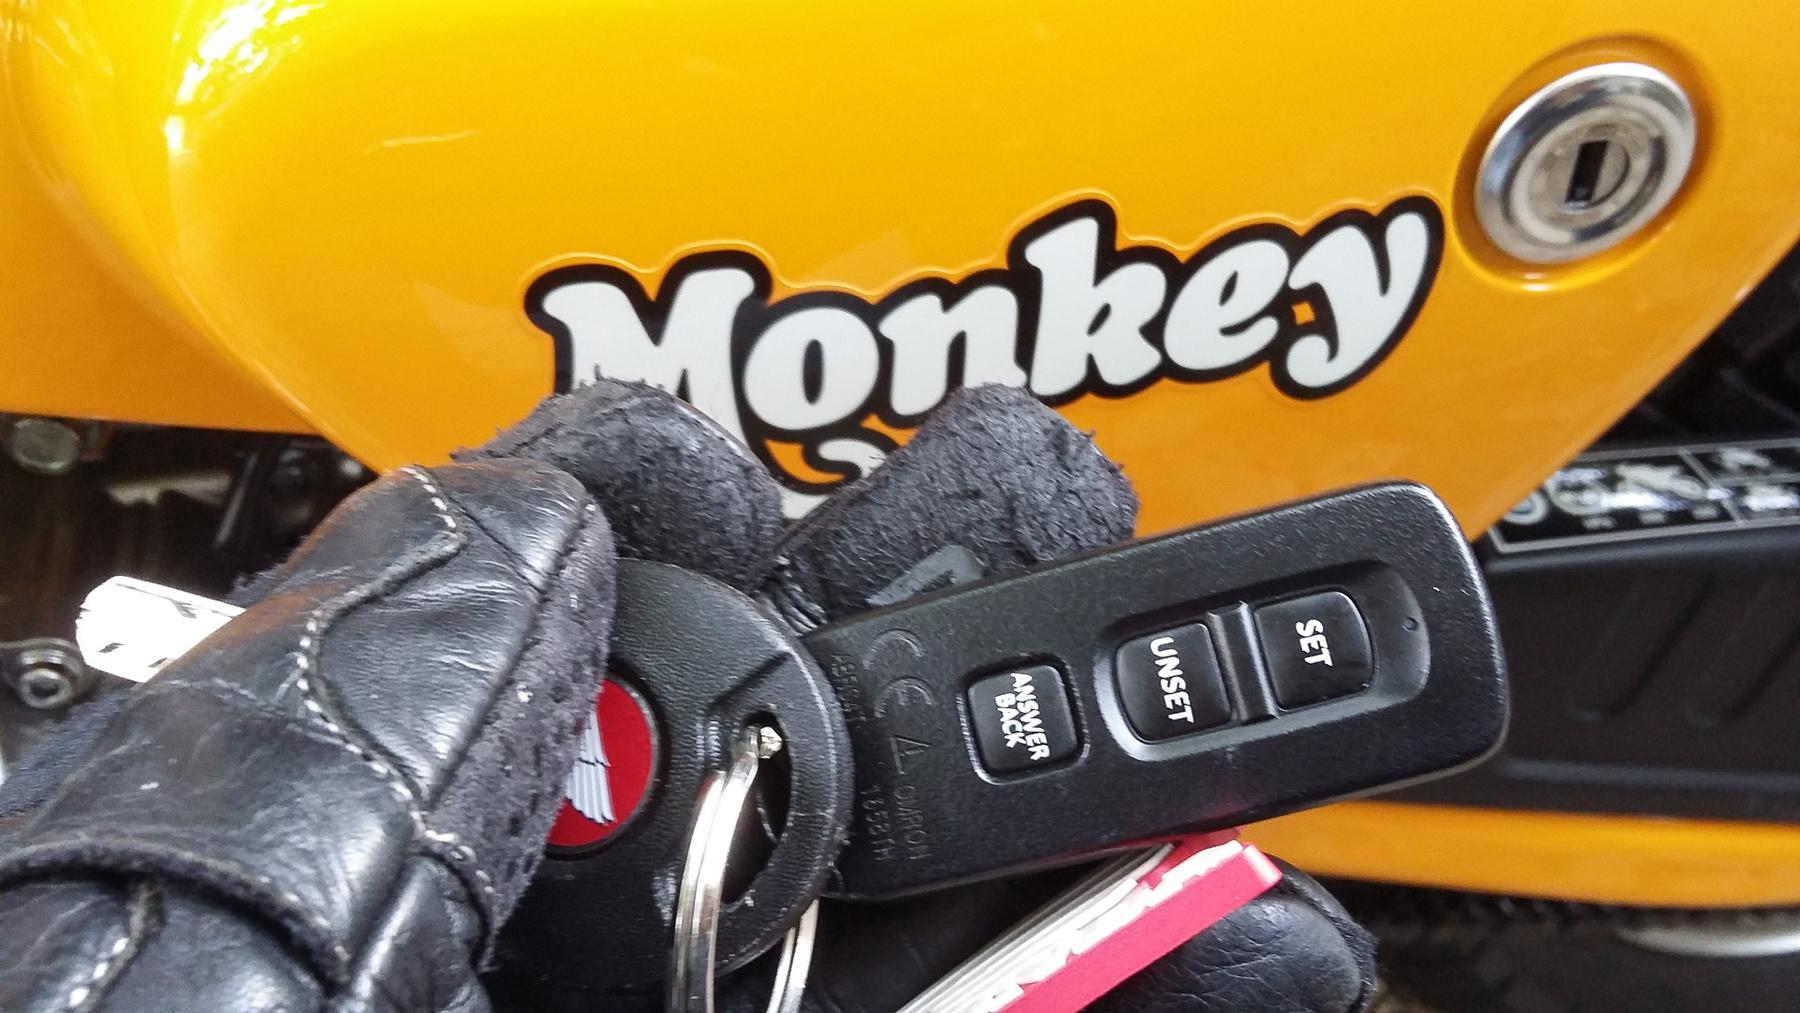 Ilyen volt a Monkey a legismertebb inkarnációjában